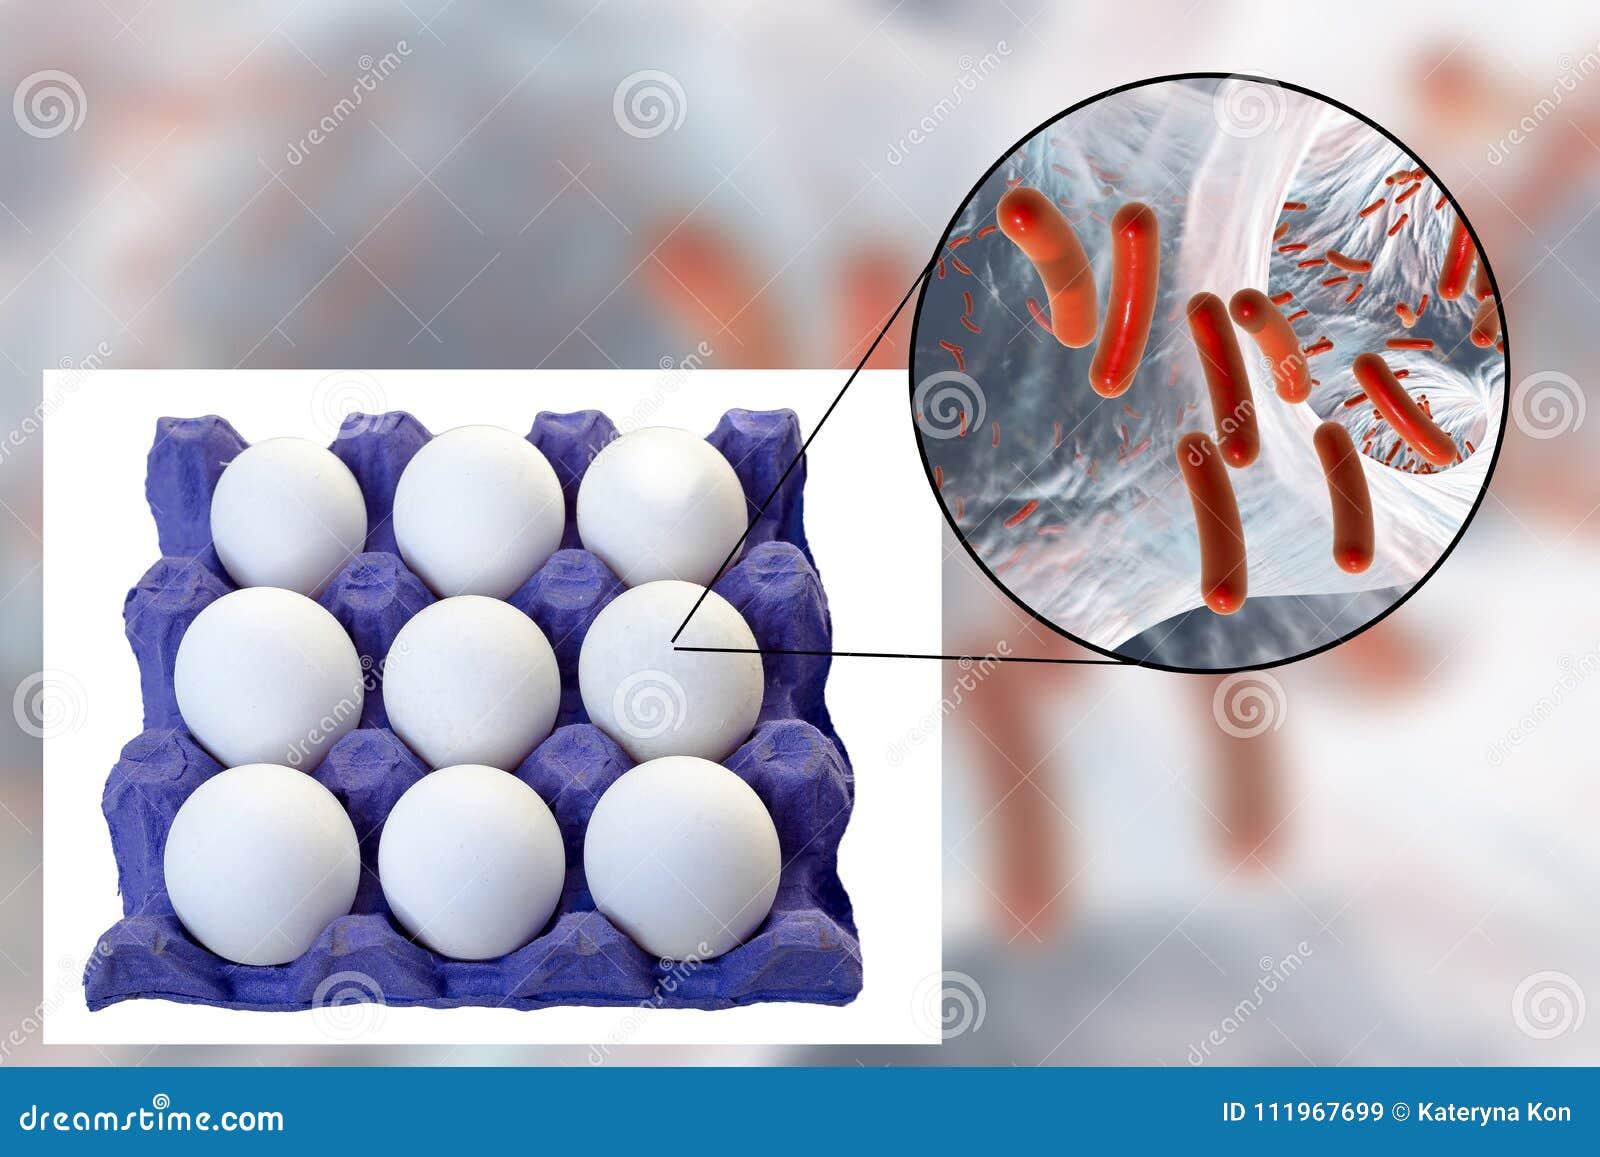 Μόλυνση των αυγών με τα βακτηρίδια, ιατρική έννοια για τη μετάδοση των μολύνσεων τροφίμων μέσω των αυγών